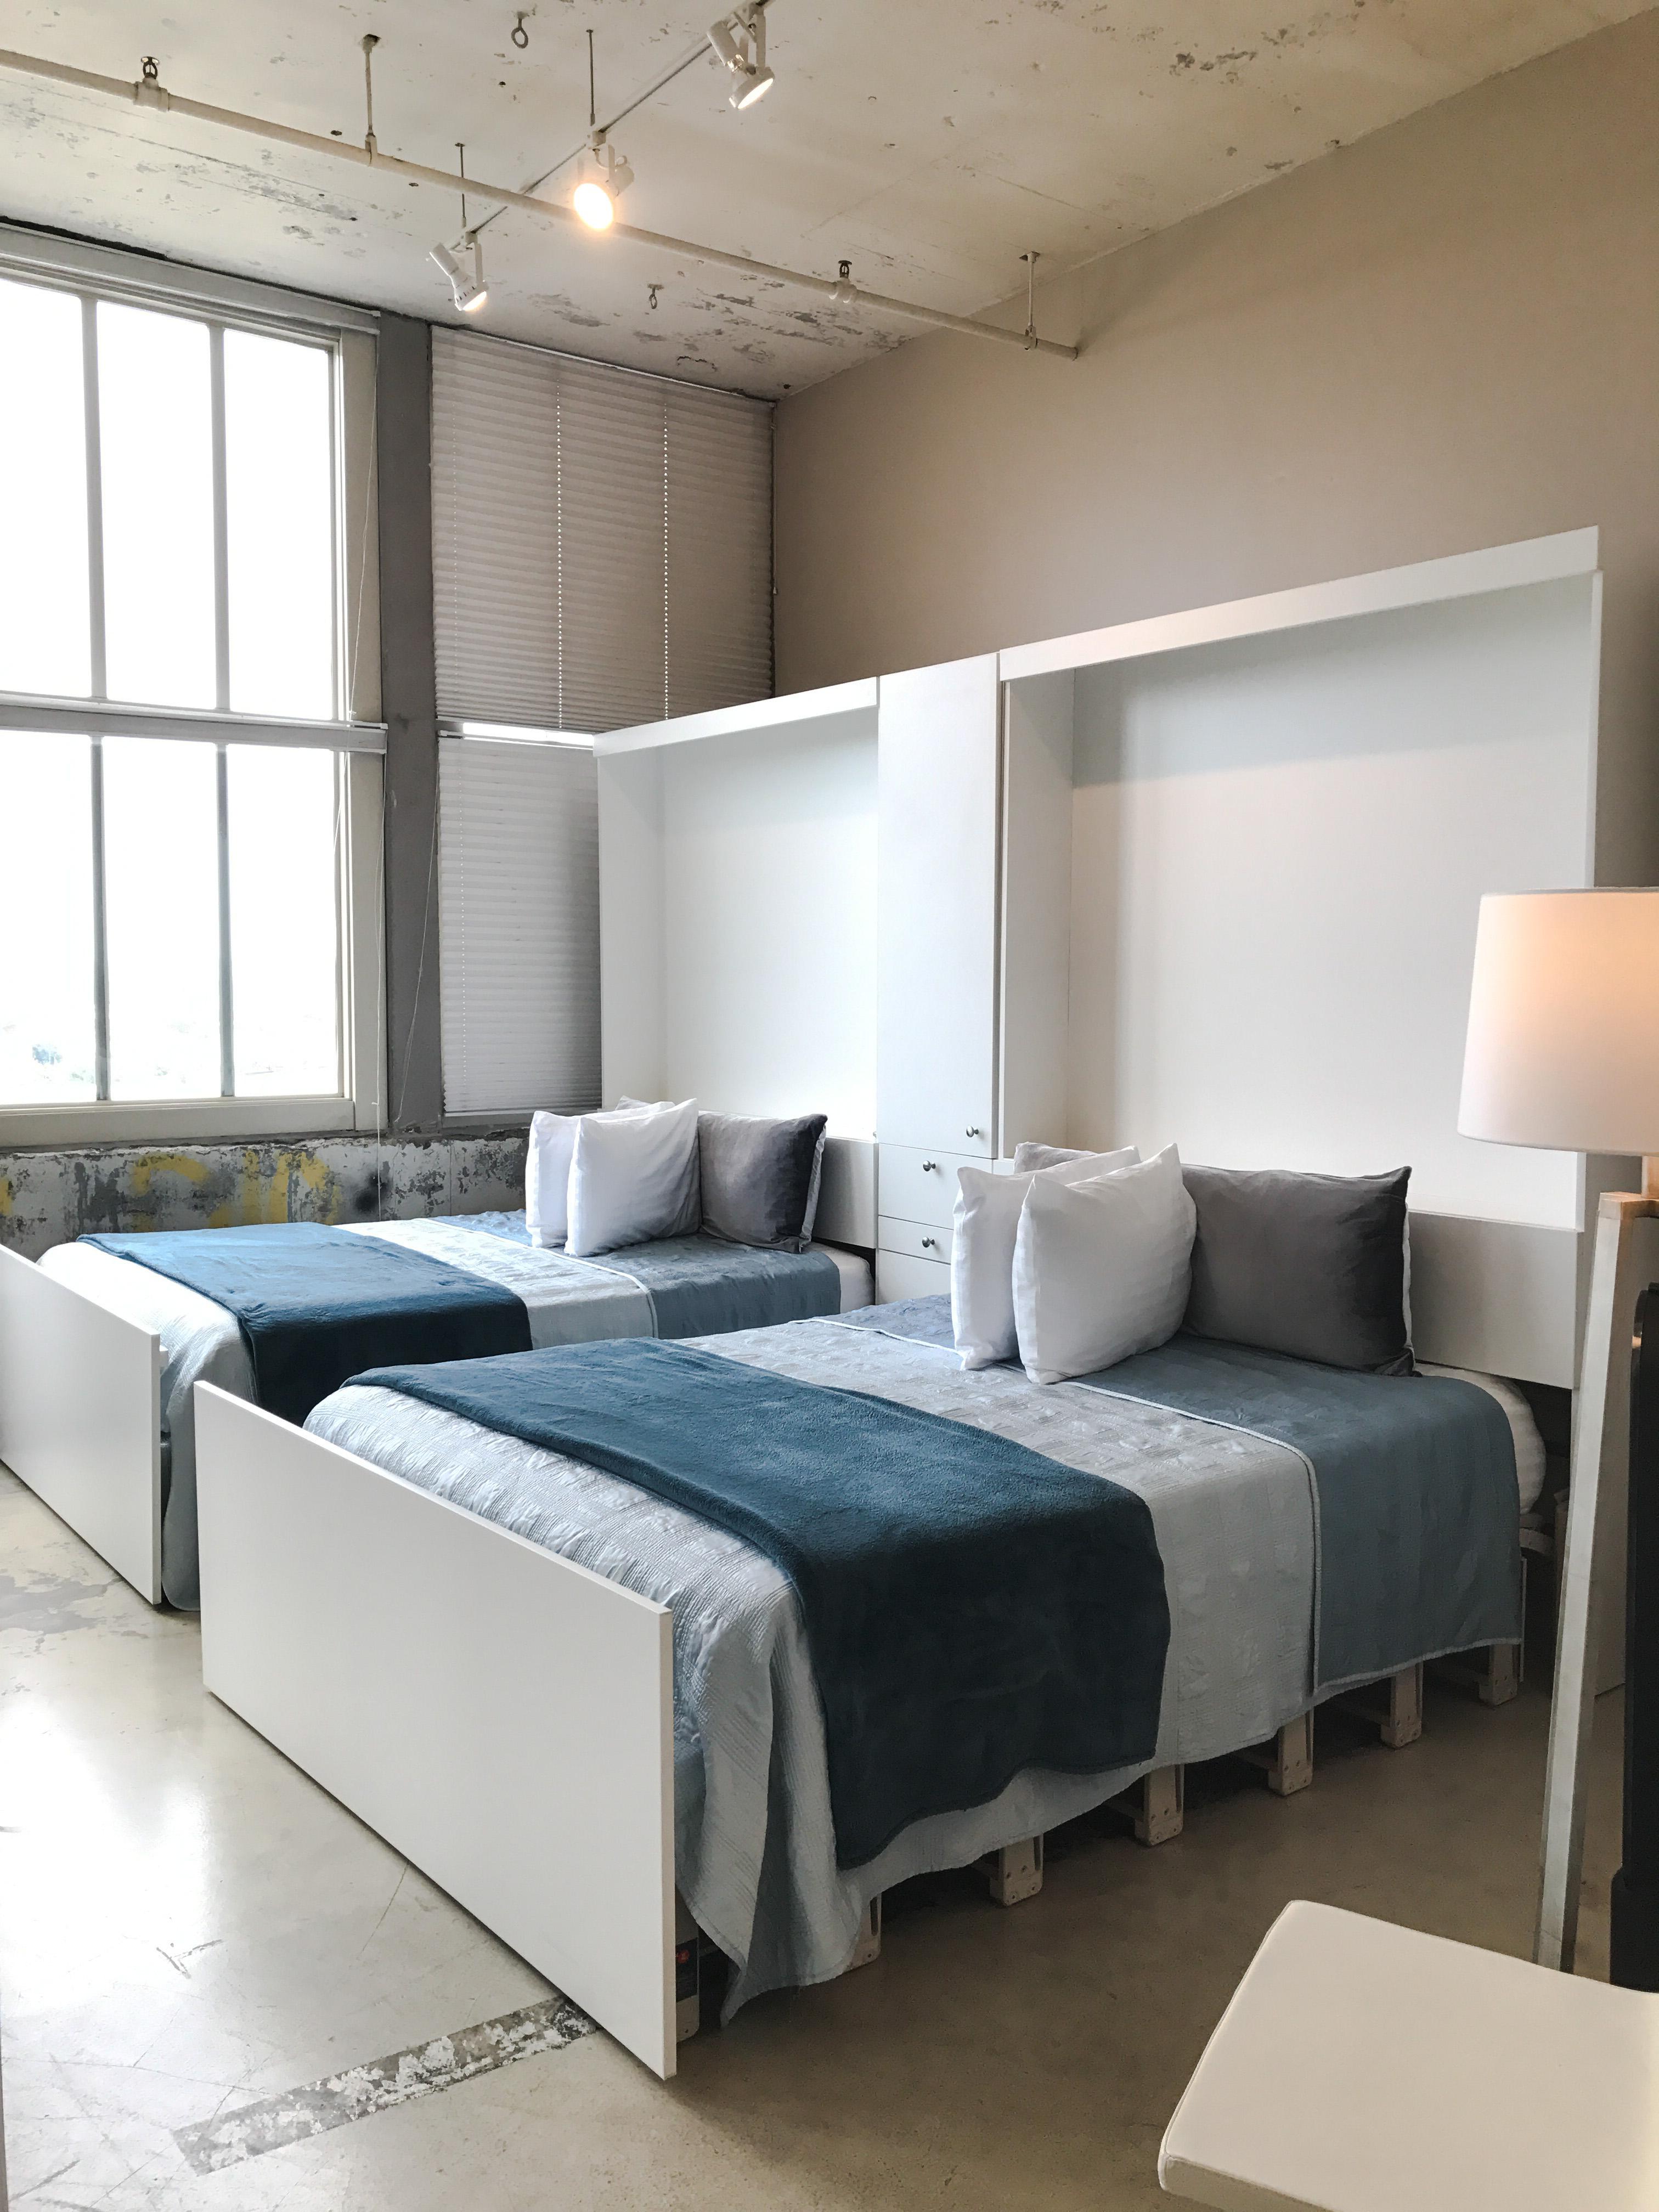 Loft Reverie Hotel 707 - Bedroom 1 + Zbeds